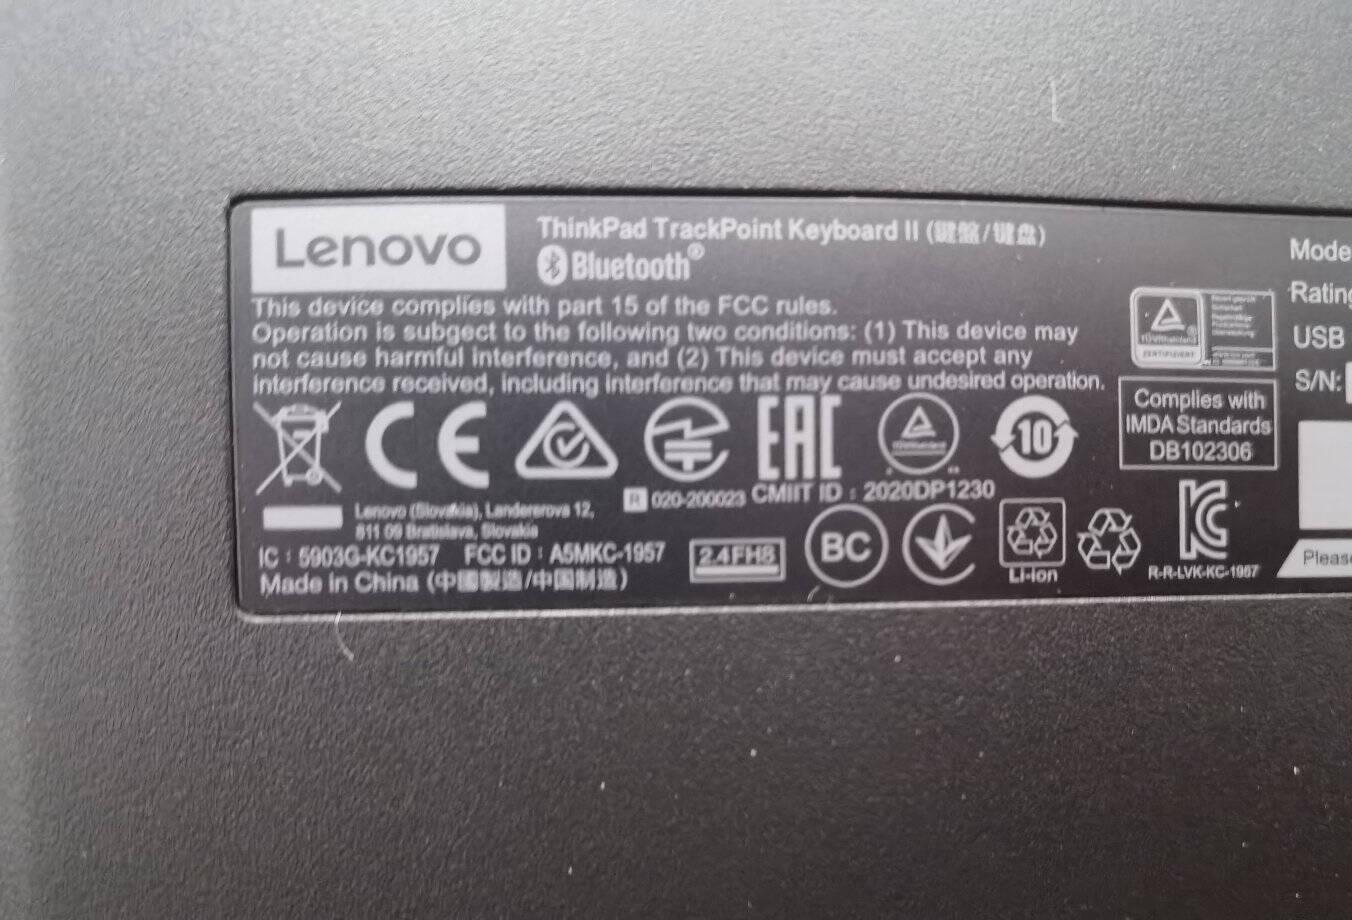 ThinkPad联想4Y40X49493小红点蓝牙无线双模键盘笔记本电脑办公键盘充电版手机平板键盘无线蓝牙双模键盘